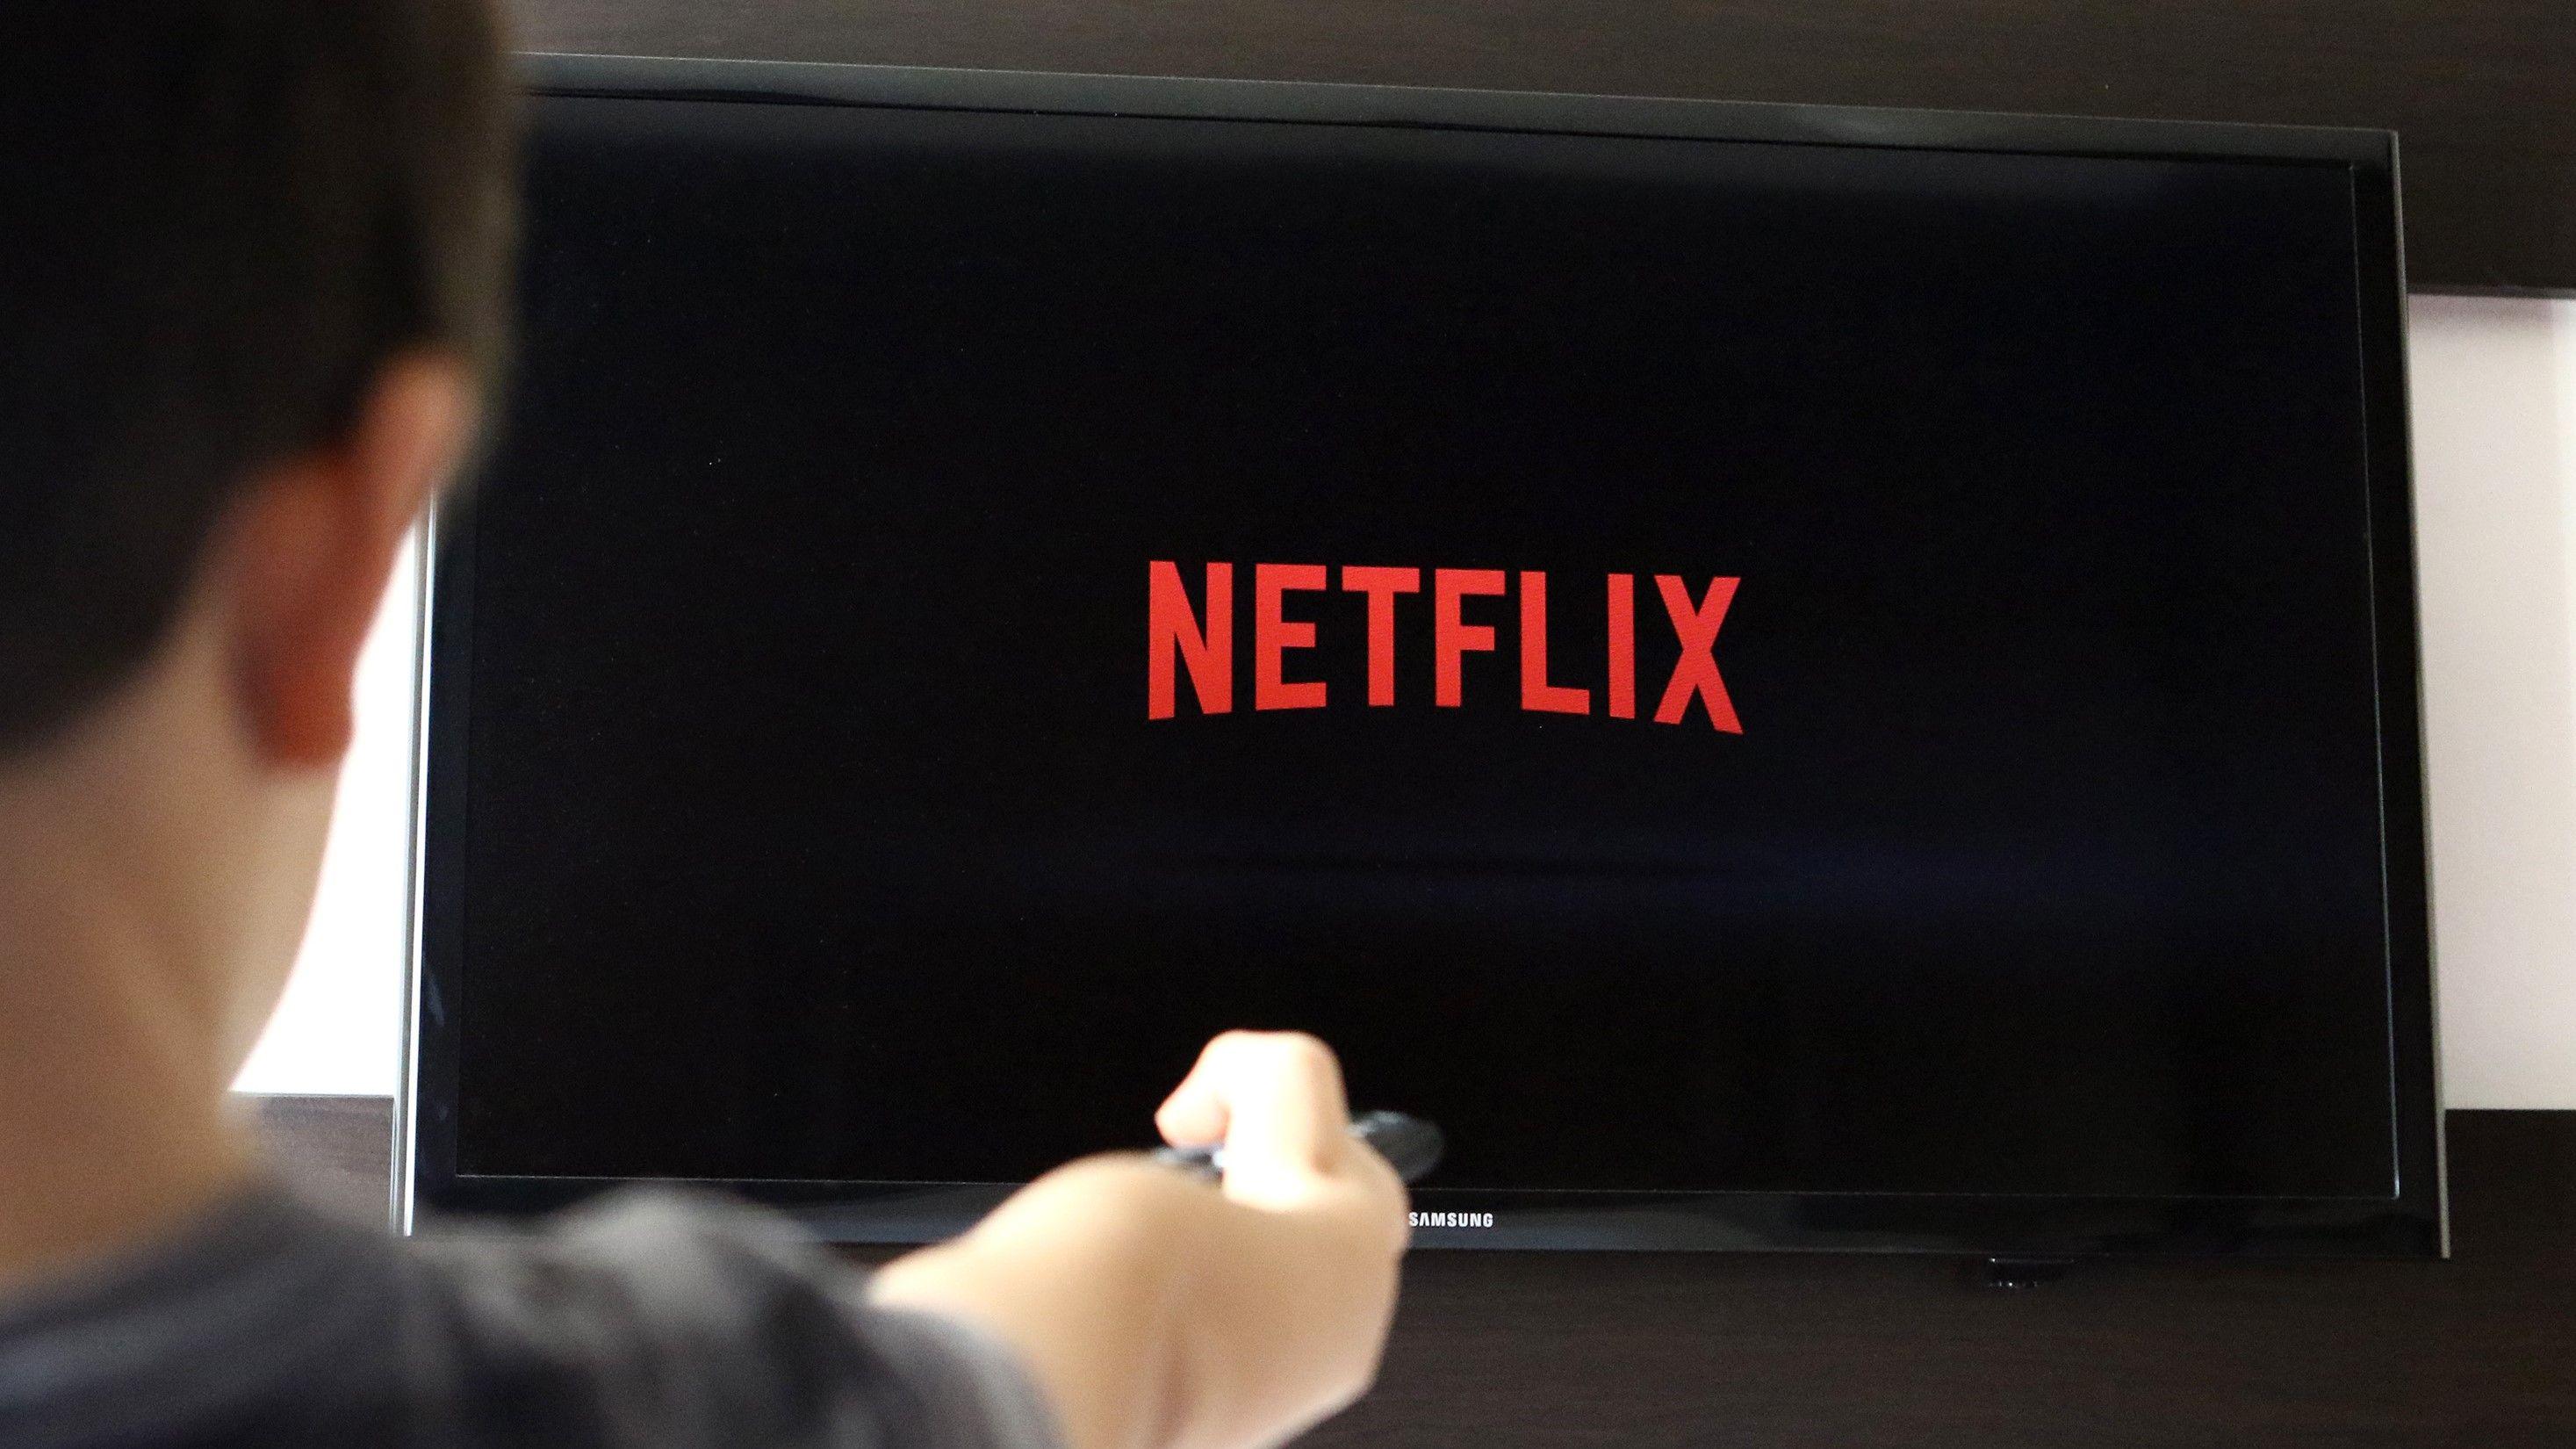 Aumenta Netflix desde este mes. Mirá cuanto vas a pagar